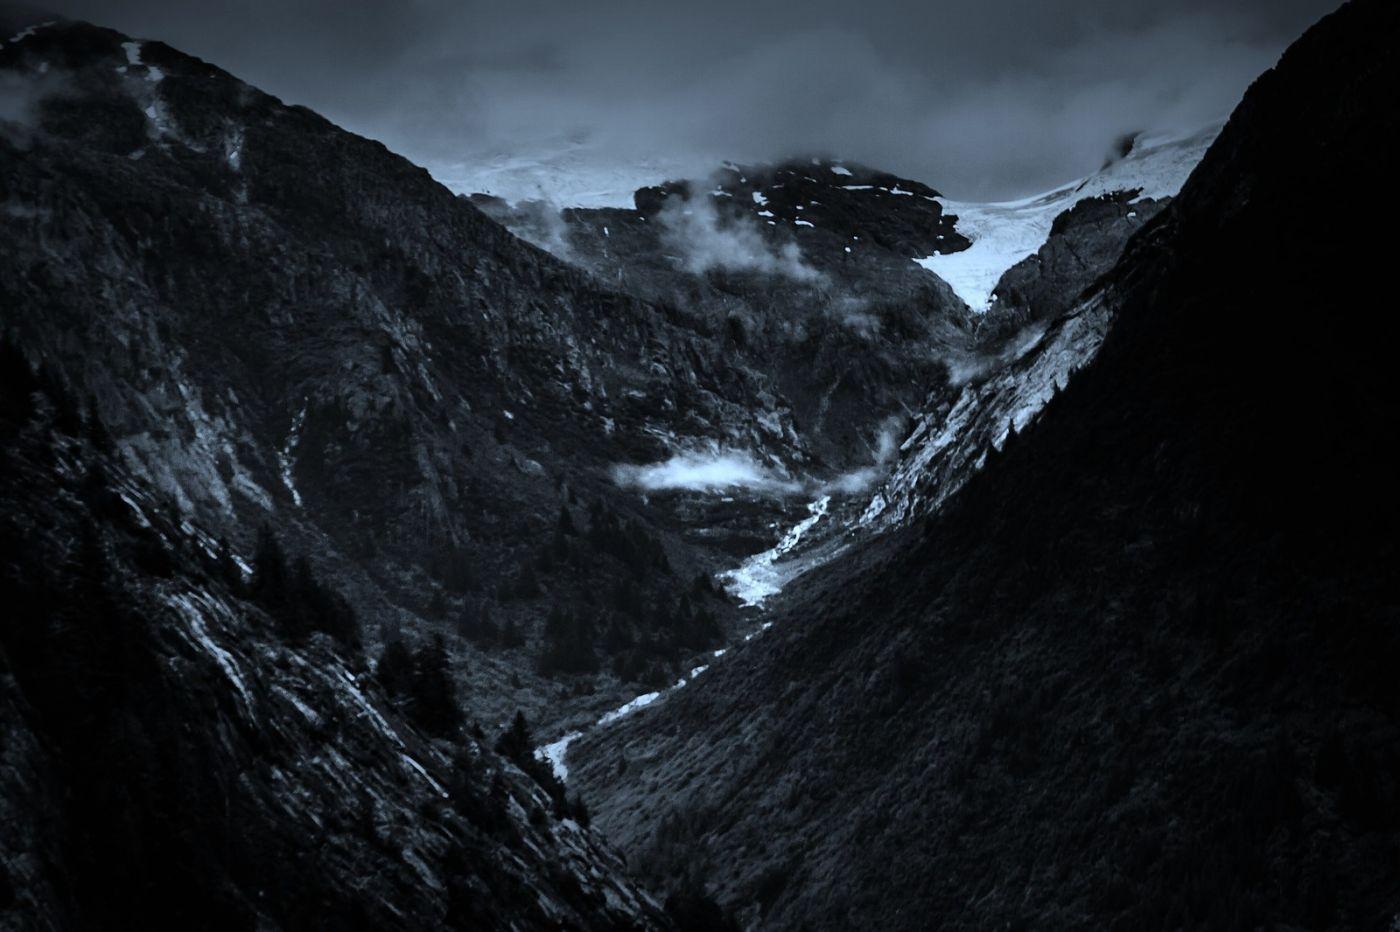 阿拉斯加,高处不胜寒_图1-7